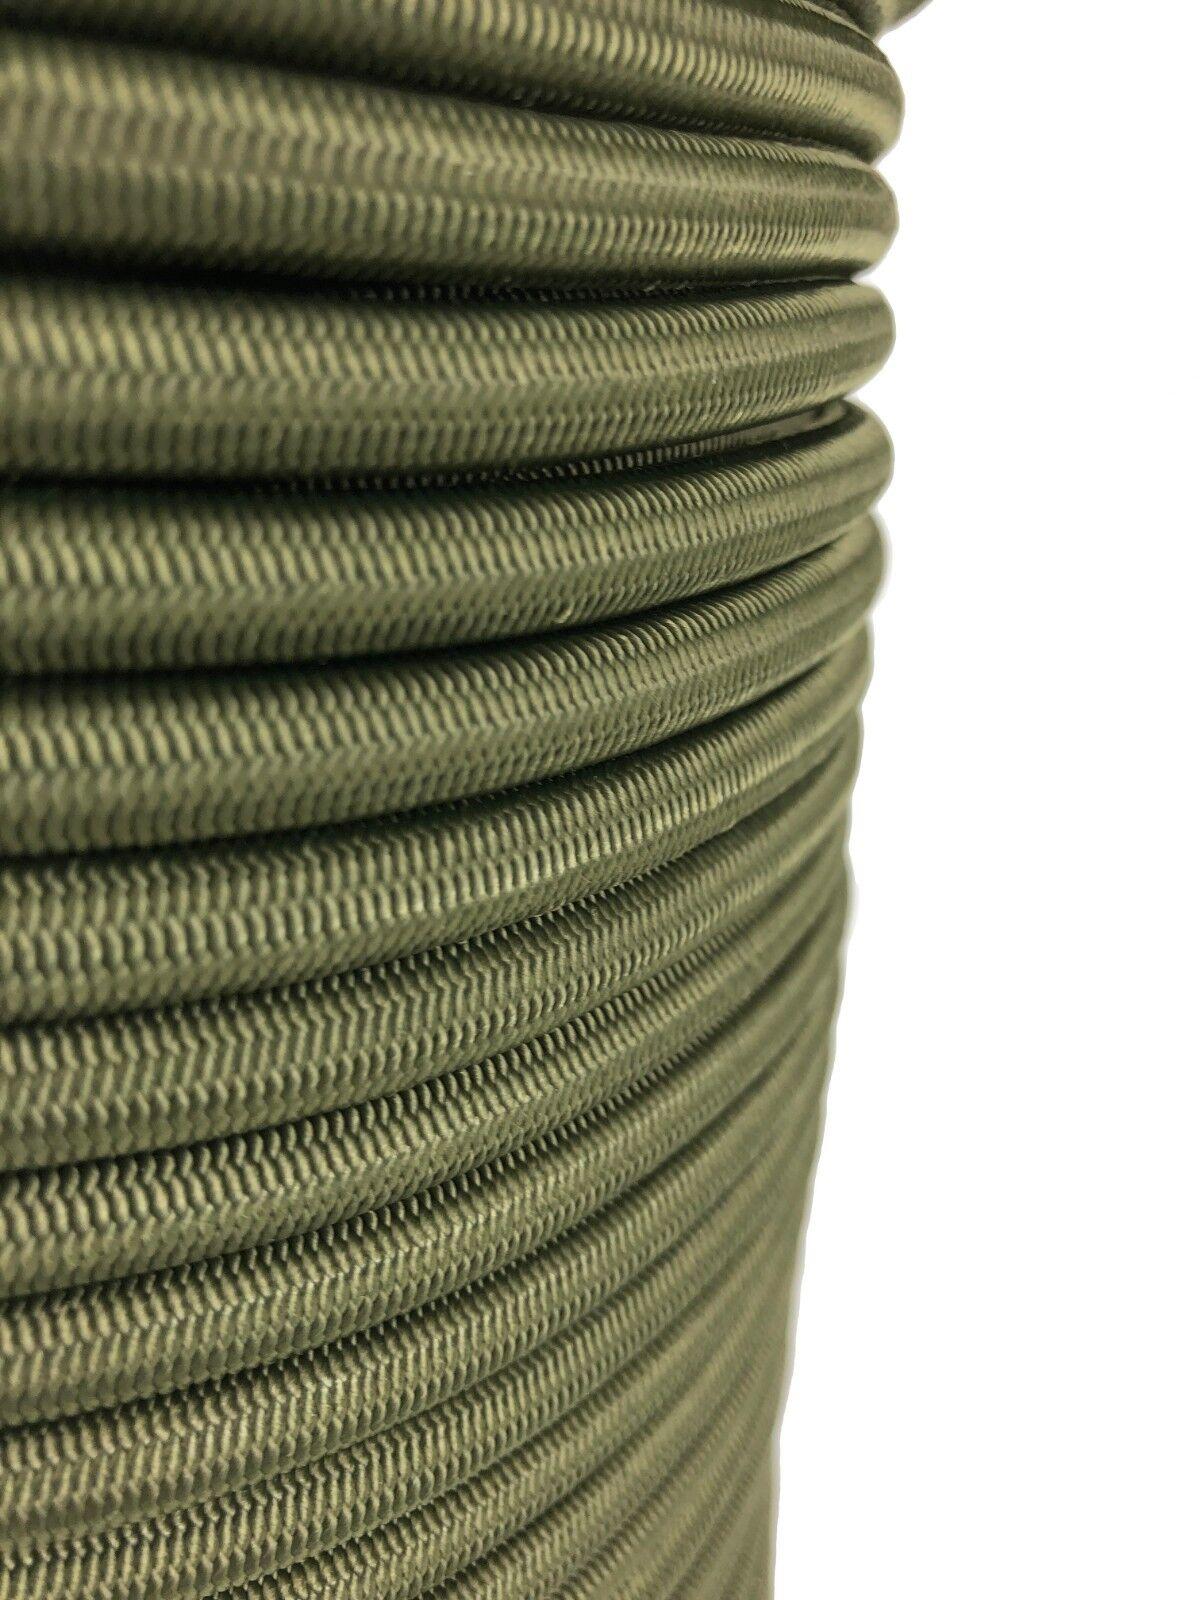 12mm Olive Elastischer Gummizug Seil Seil Seil X 15 Meter Krawatte Unten 743c19